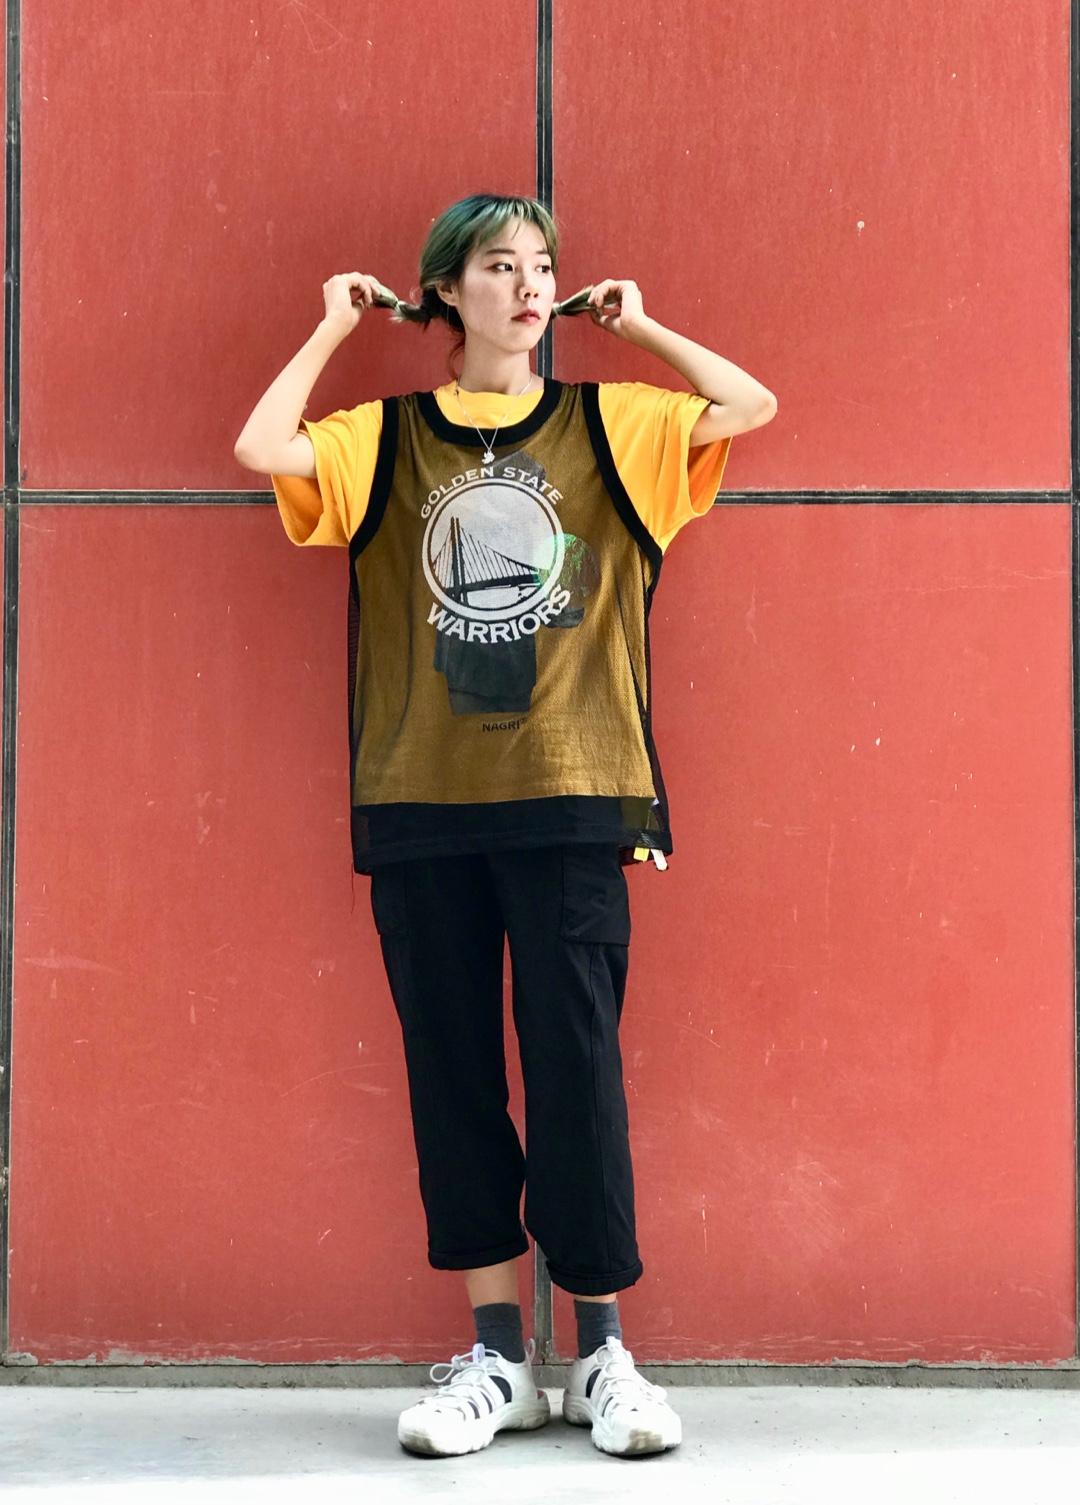 #2019早秋流行第一弹# 工装裤遮盖腿型第一裤 早秋真的不热!所以我在外面套了一个背心 黄色彰显活力能突出一点 搭配增高一点的鞋子 扎起双马尾 最后的夏天这样穿